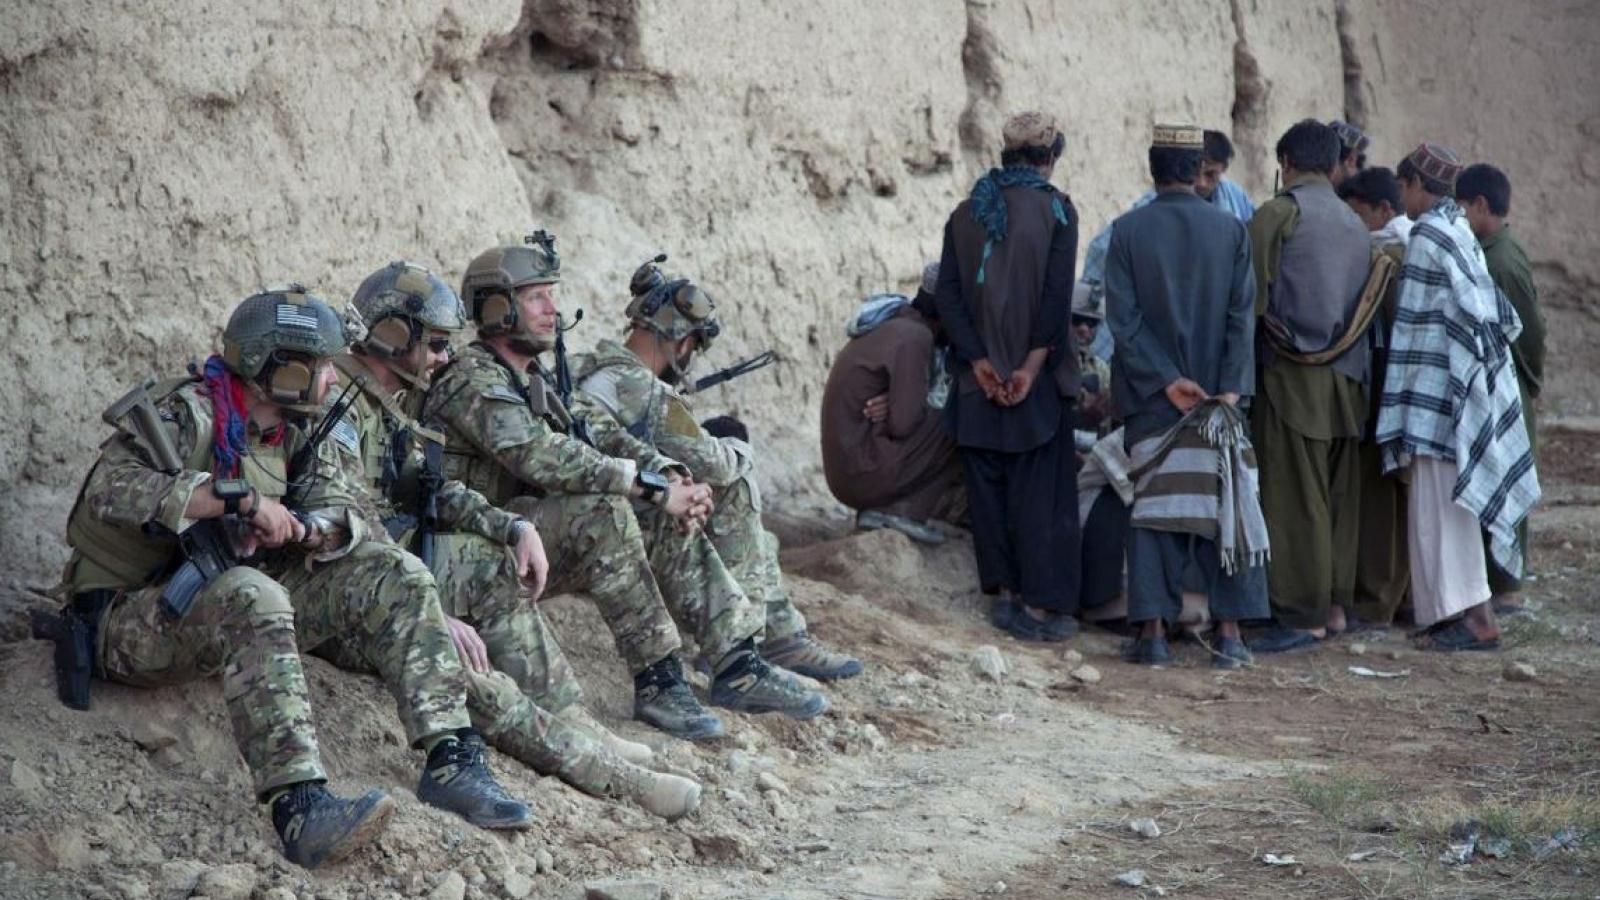 Mỹ ngừng hỗ trợ hoạt động tấn công tại Yemen